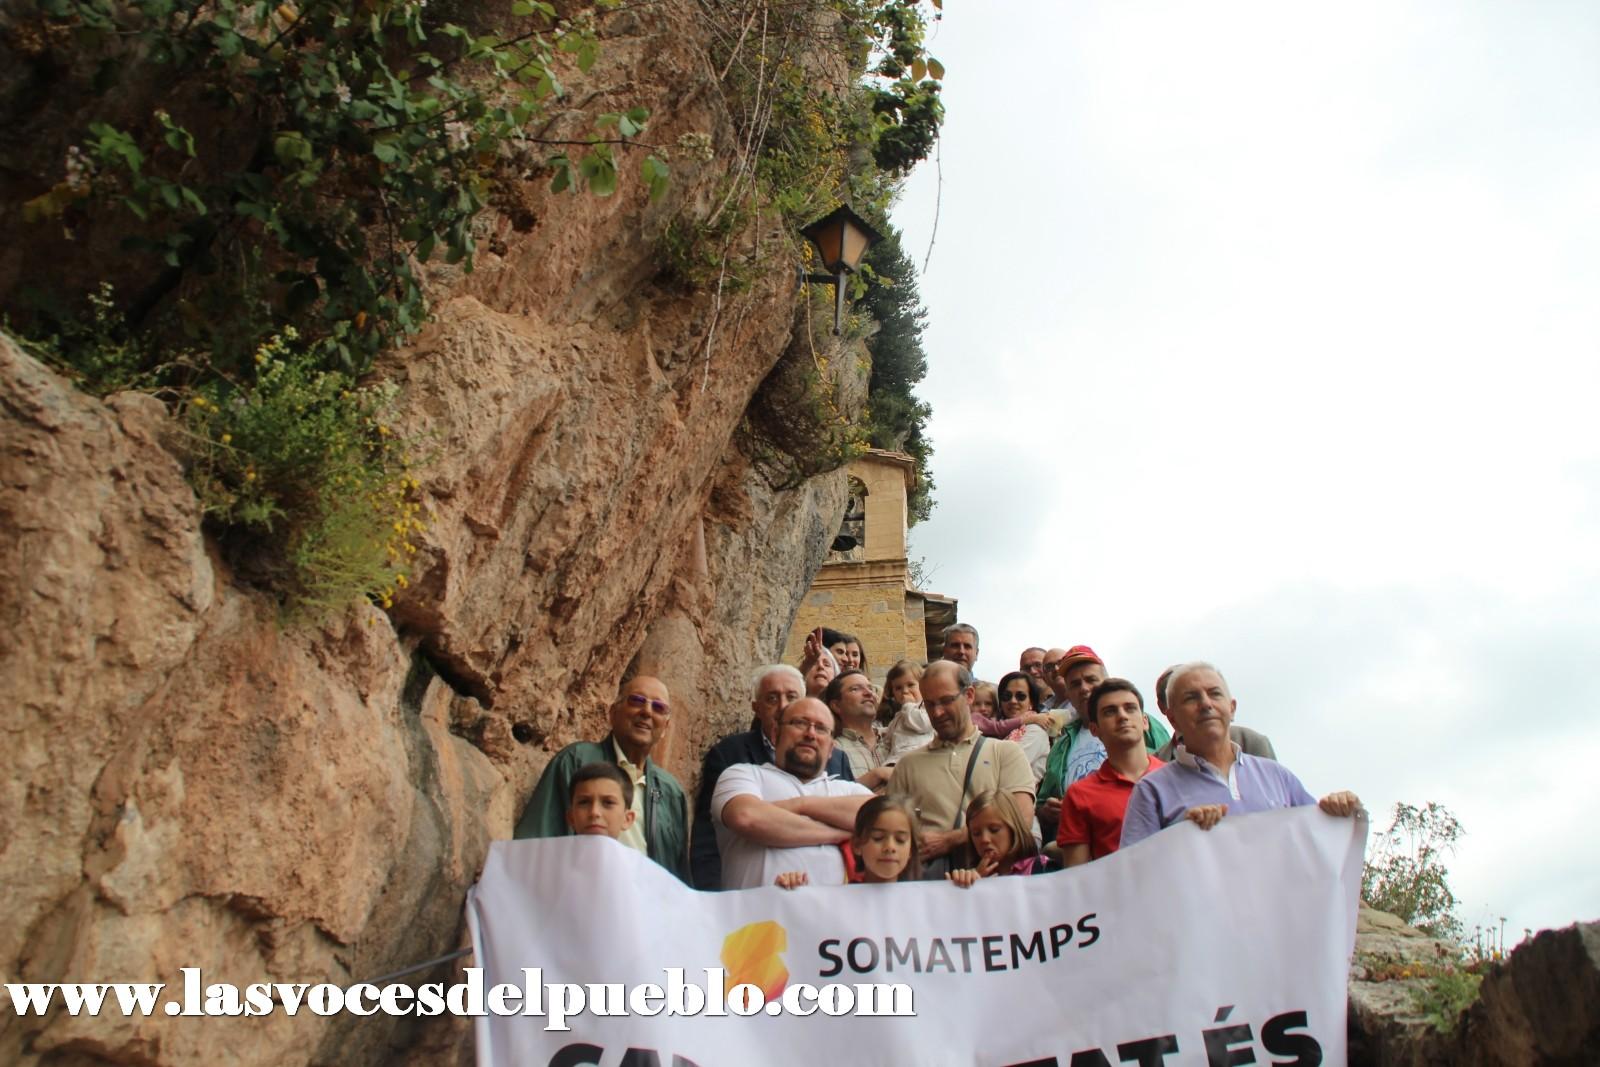 las voces del pueblo_I Congreso de Somatemps_Ripoll_Gerona (227)